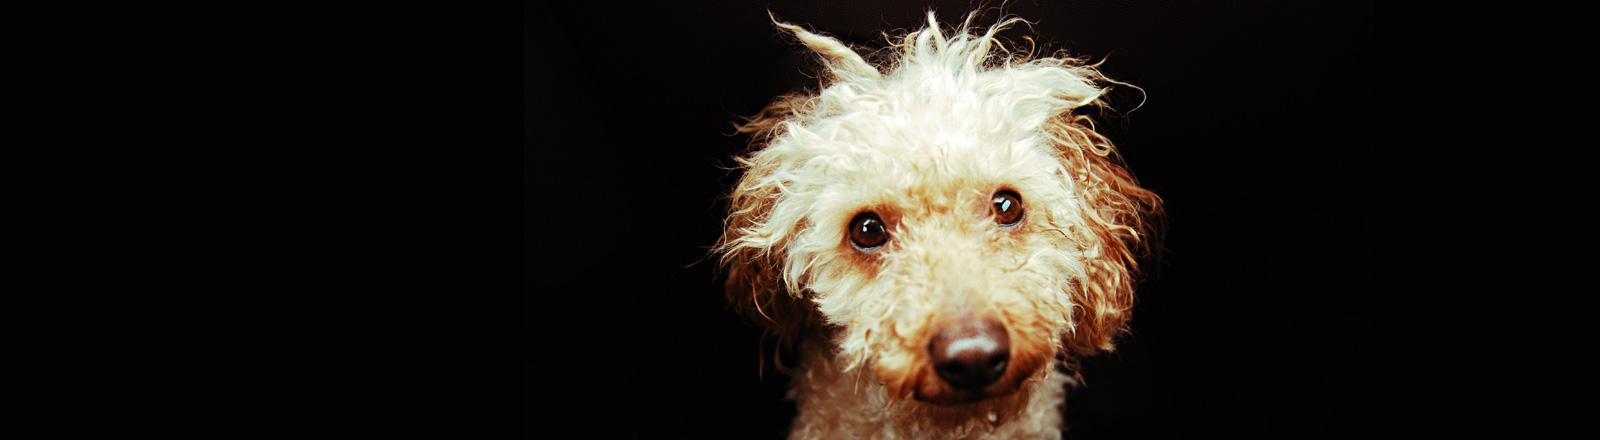 Ein kleiner Hund blickt direkt in die Kamera, der Hintergrund ist schwarz.